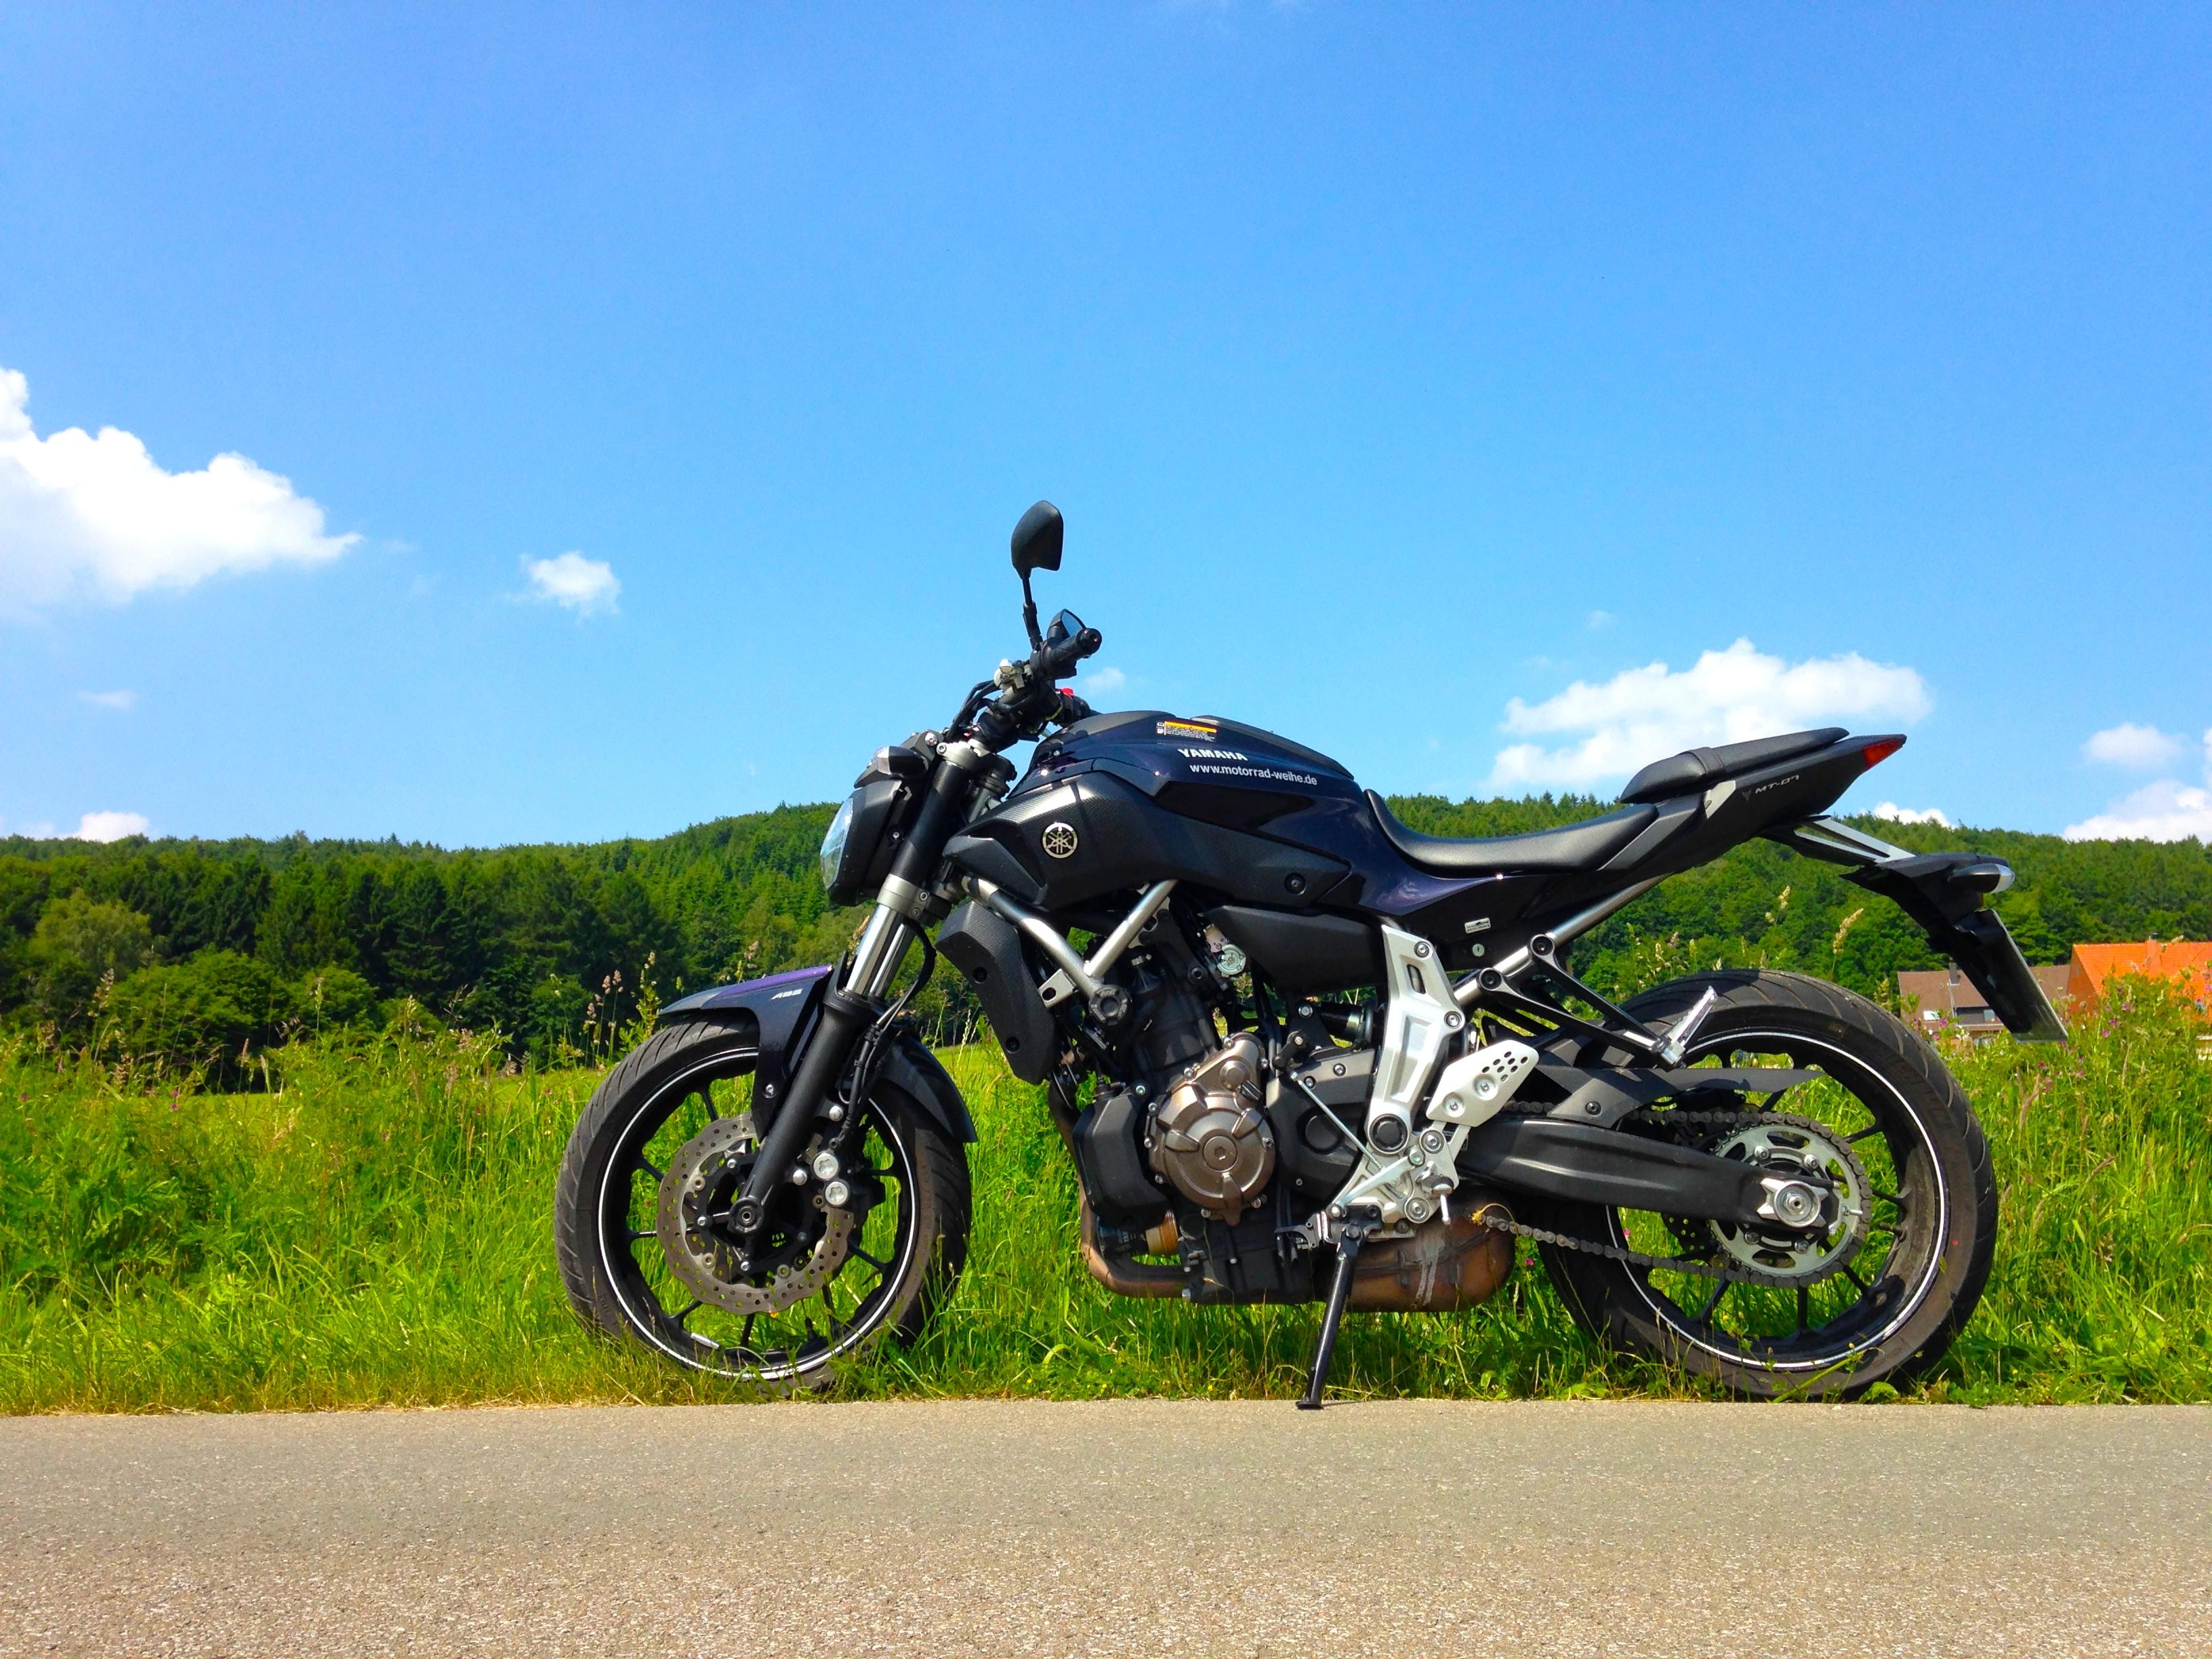 File:Yamaha MT-07 2014-06-03 15.27.43.jpg